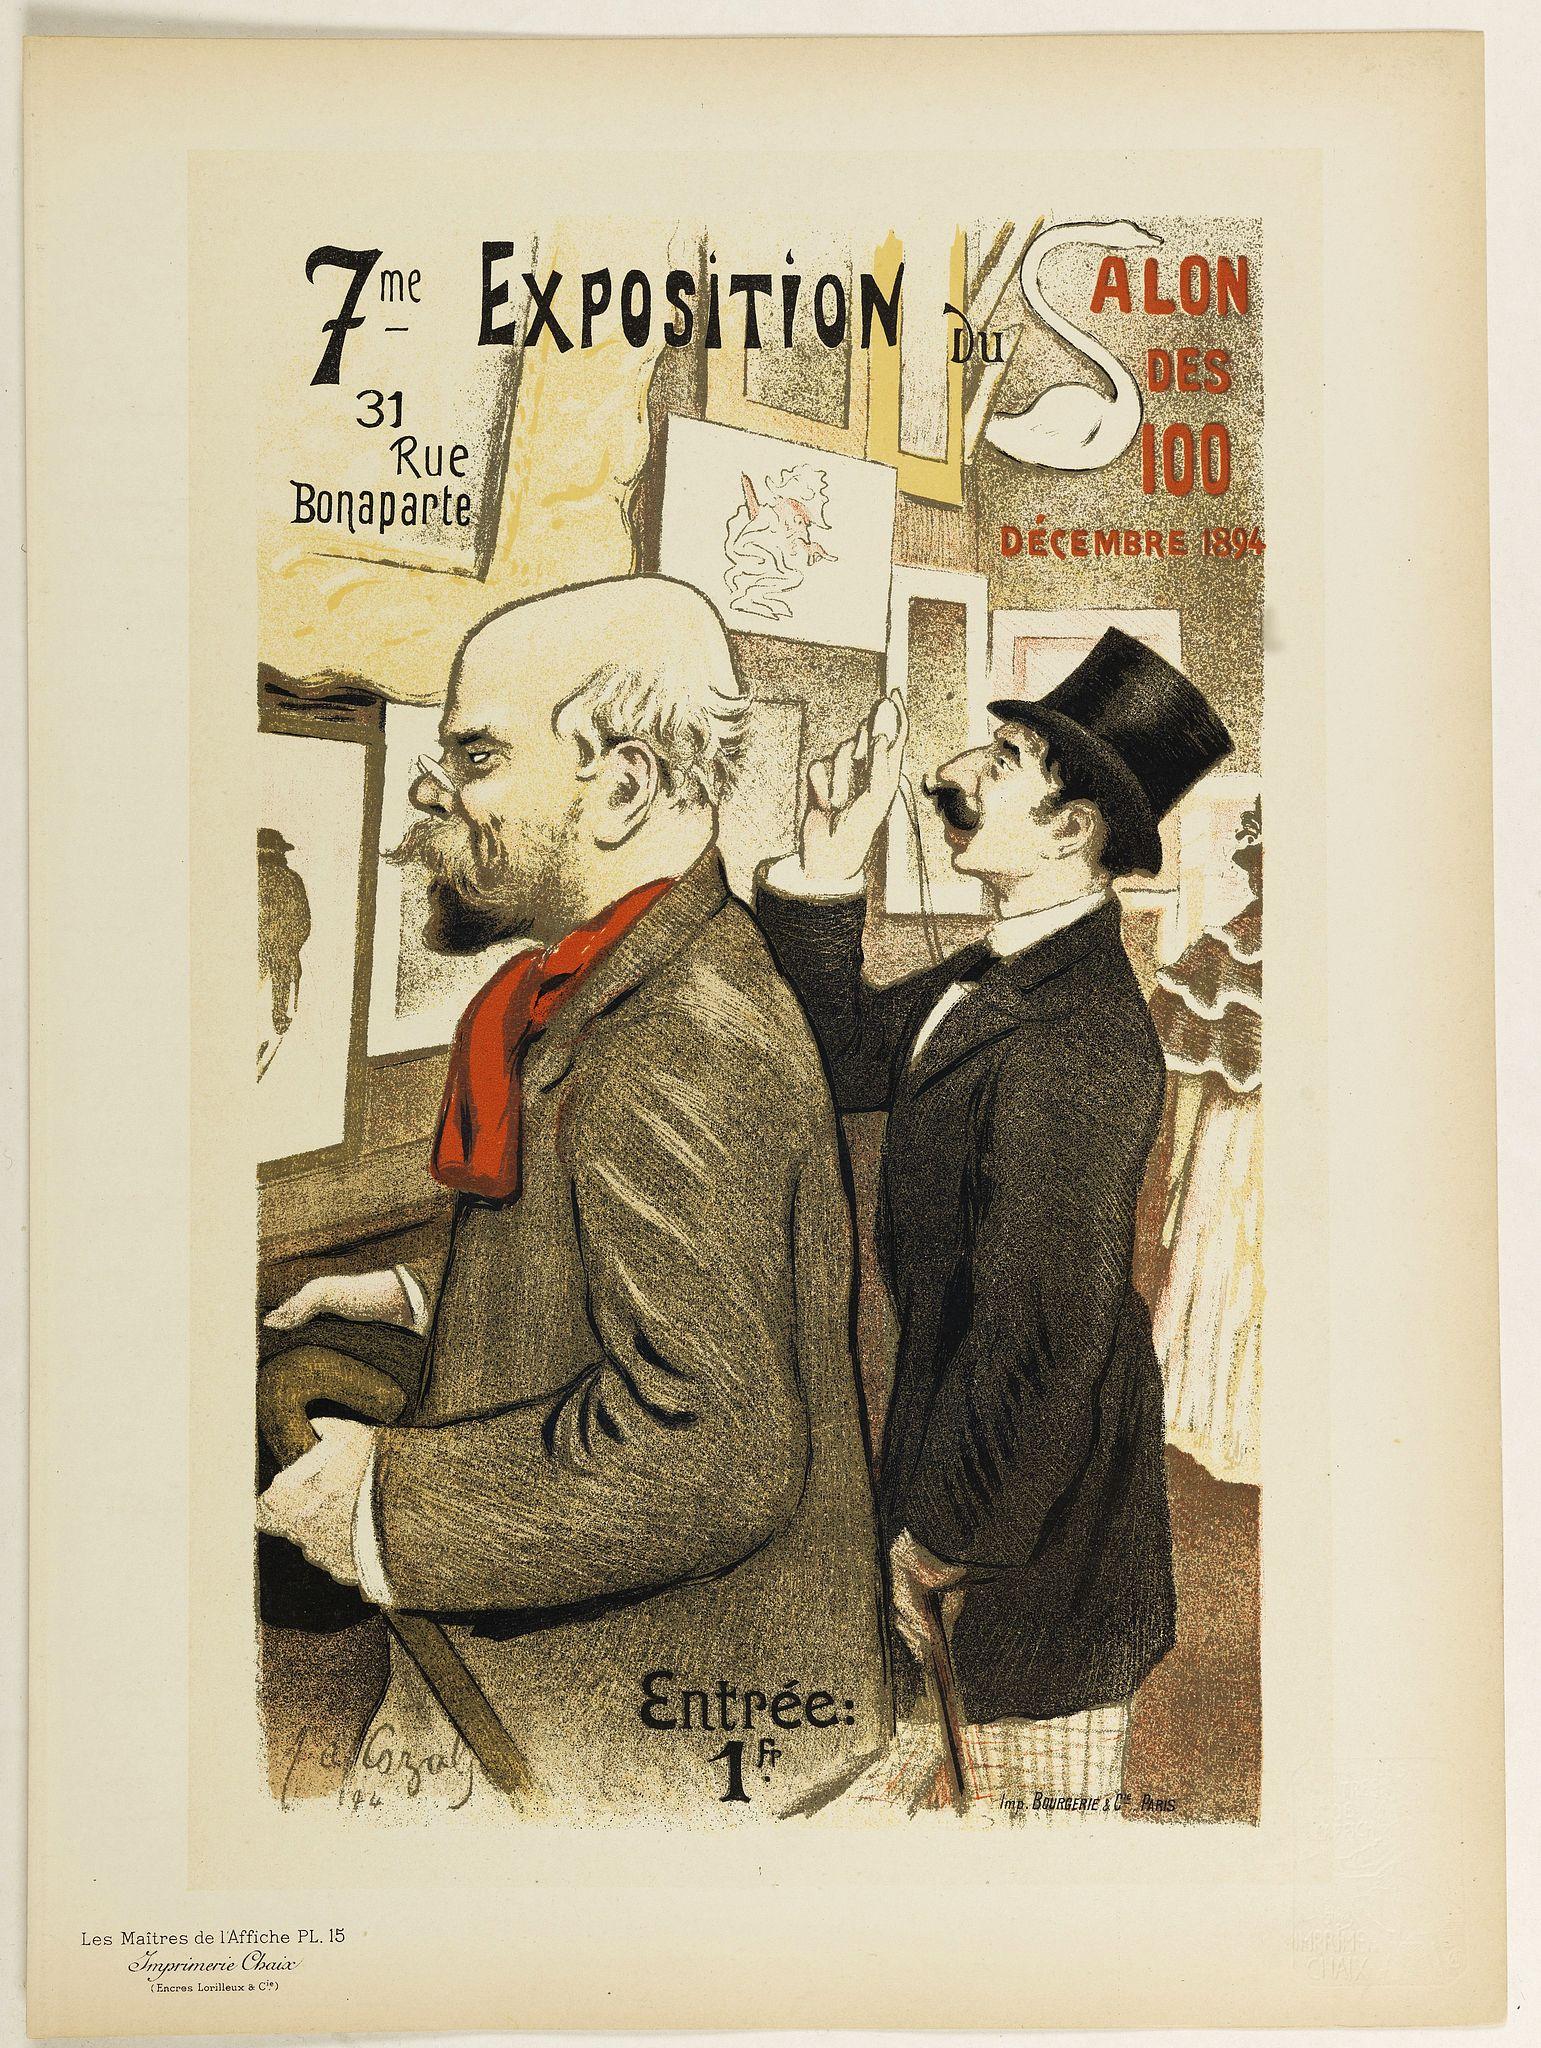 LES MAITRES DE L'AFFICHE - 7eme Exposition du Salon des 100.